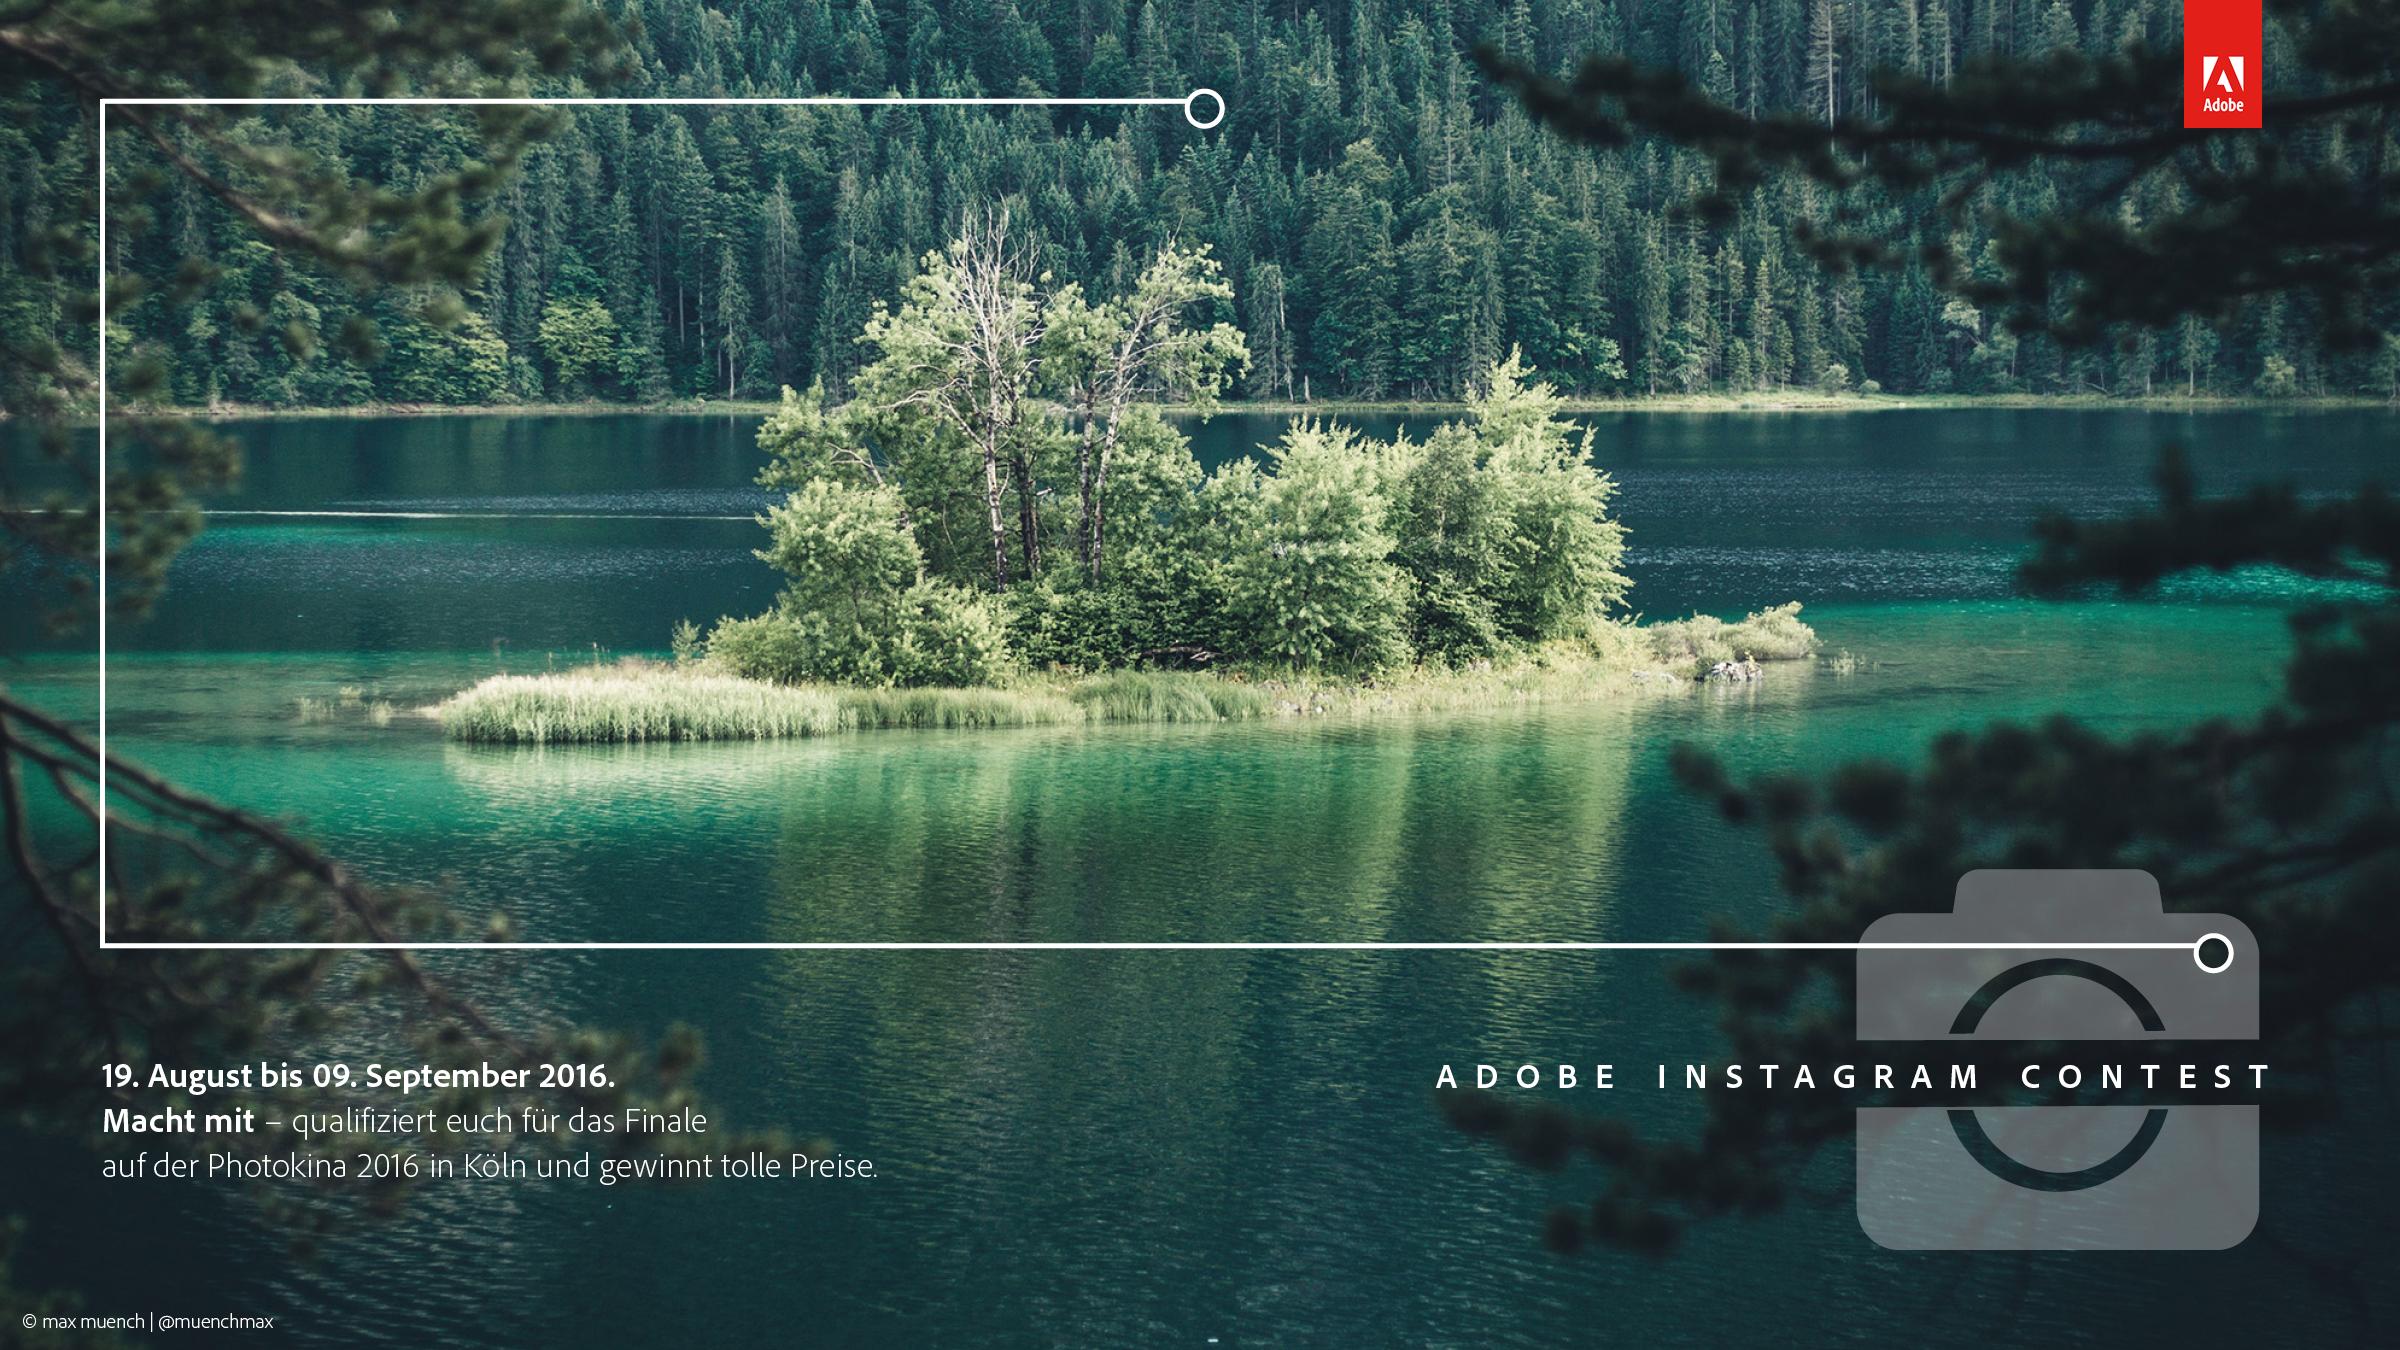 Mit Adobe zur Photokina 2016